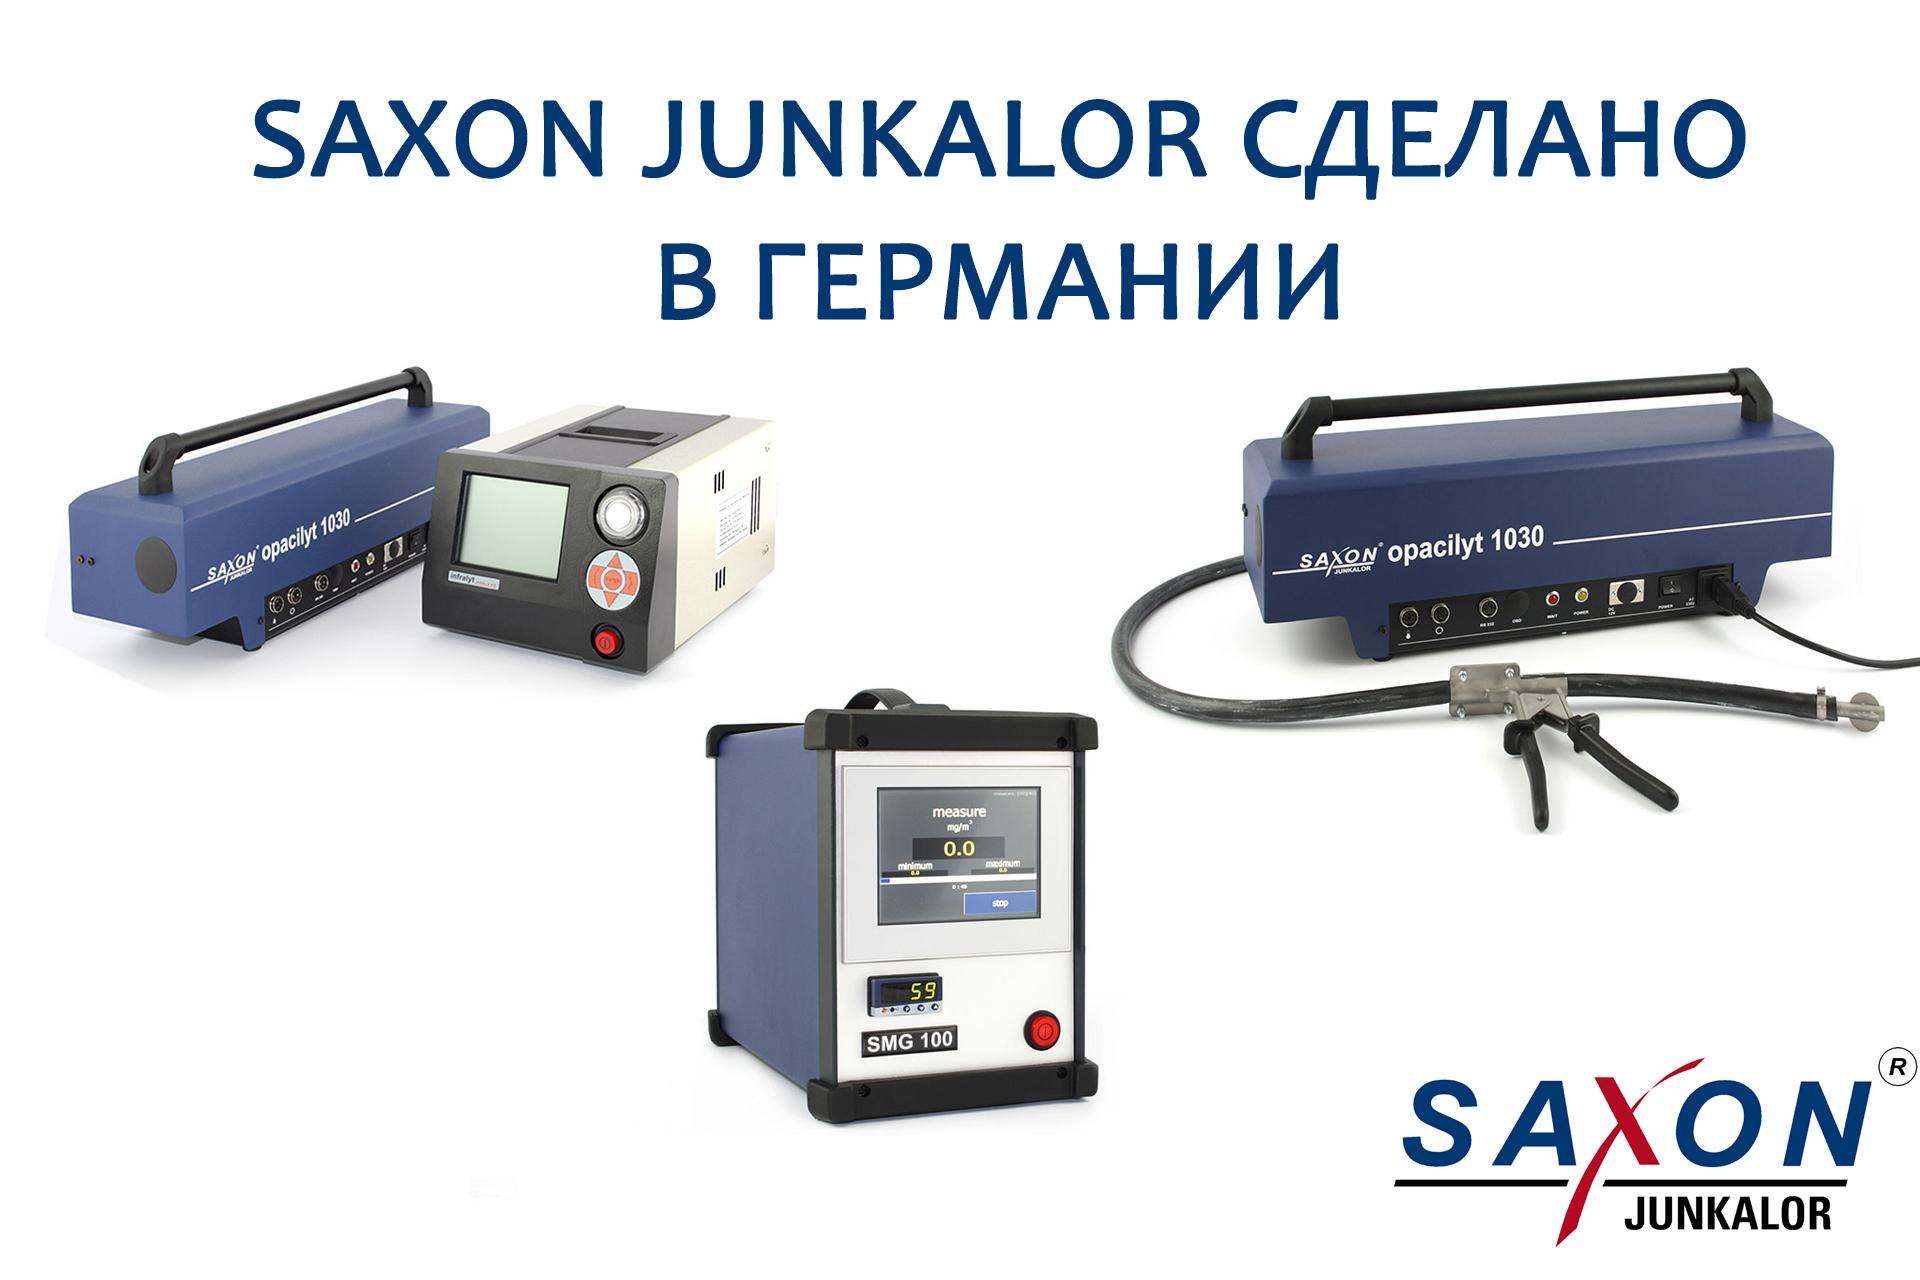 Приборы Saxon Junkalor